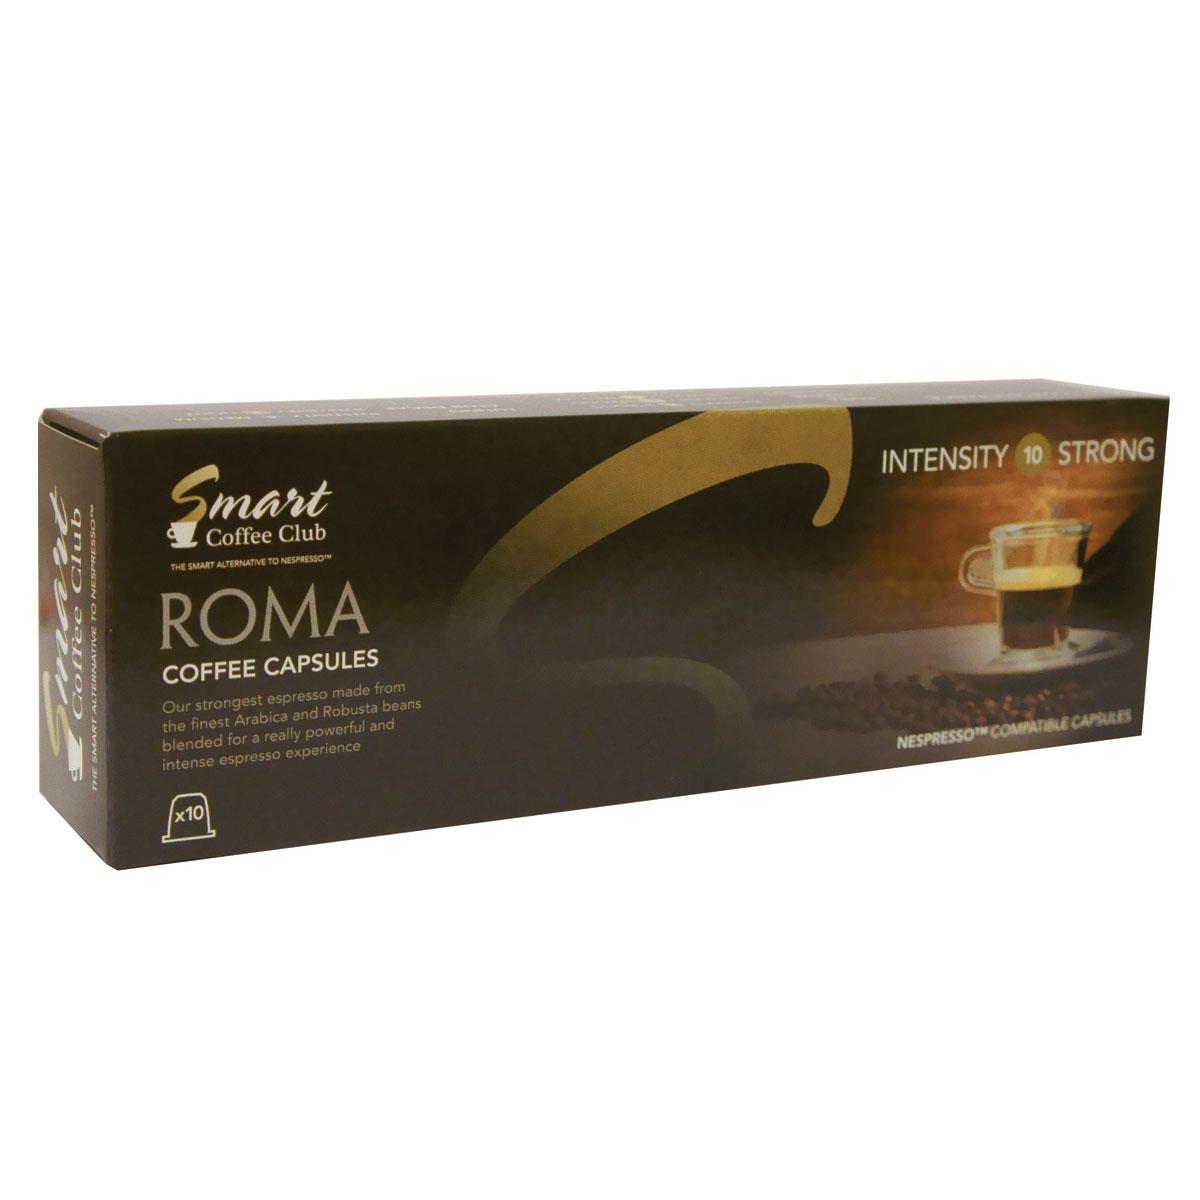 Smart Coffee Club Roma кофе в капсулах5573063222139Натуральный жареный молотый кофе в капсулах Smart Coffee Club Roma. Самая крепкая смесь, с использованием Арабики и Робусты из Центральной и Южной Америки. Идеальное начало дня для тех, кто любит крепкий, насыщенный, ароматный кофе.